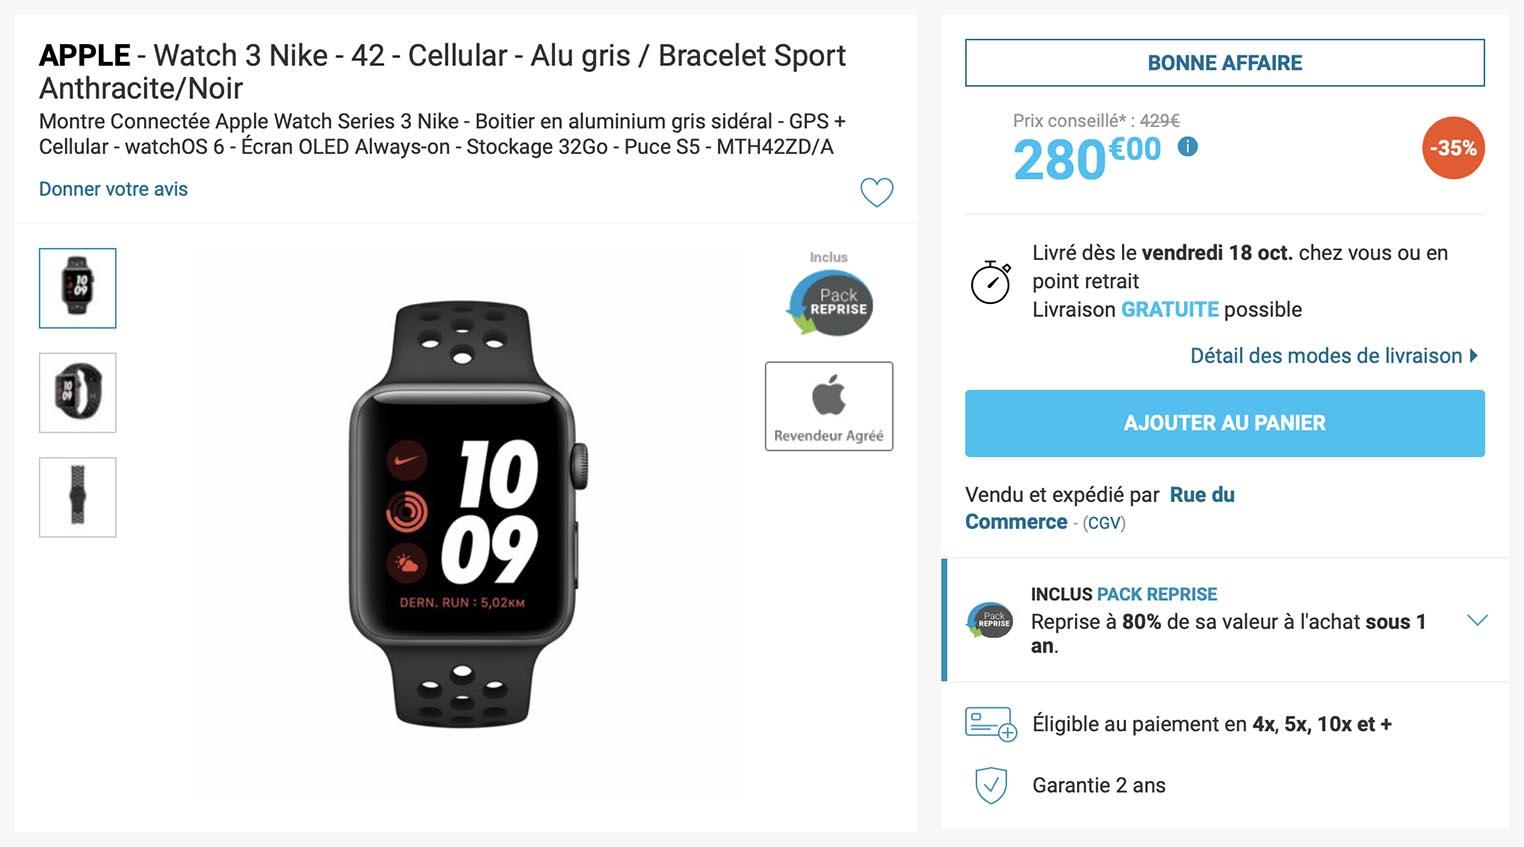 Apple Watch 3 cellulaire Rue du Commerce